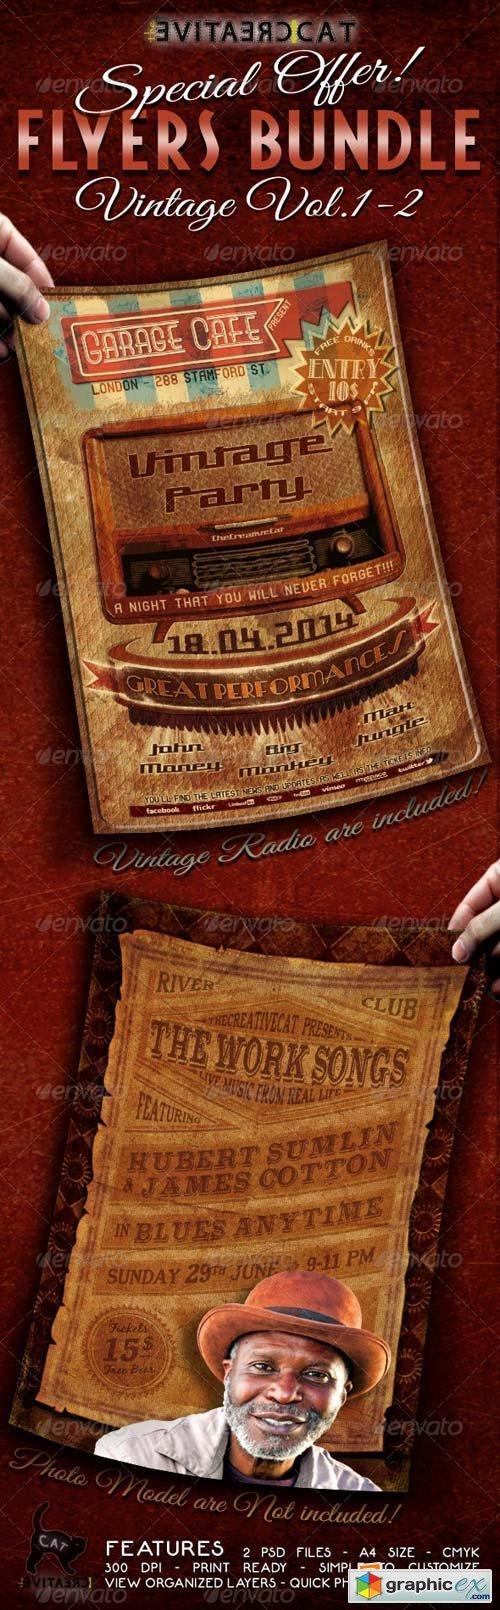 Vintage Flyer/Poster Bundle Vol.1-2